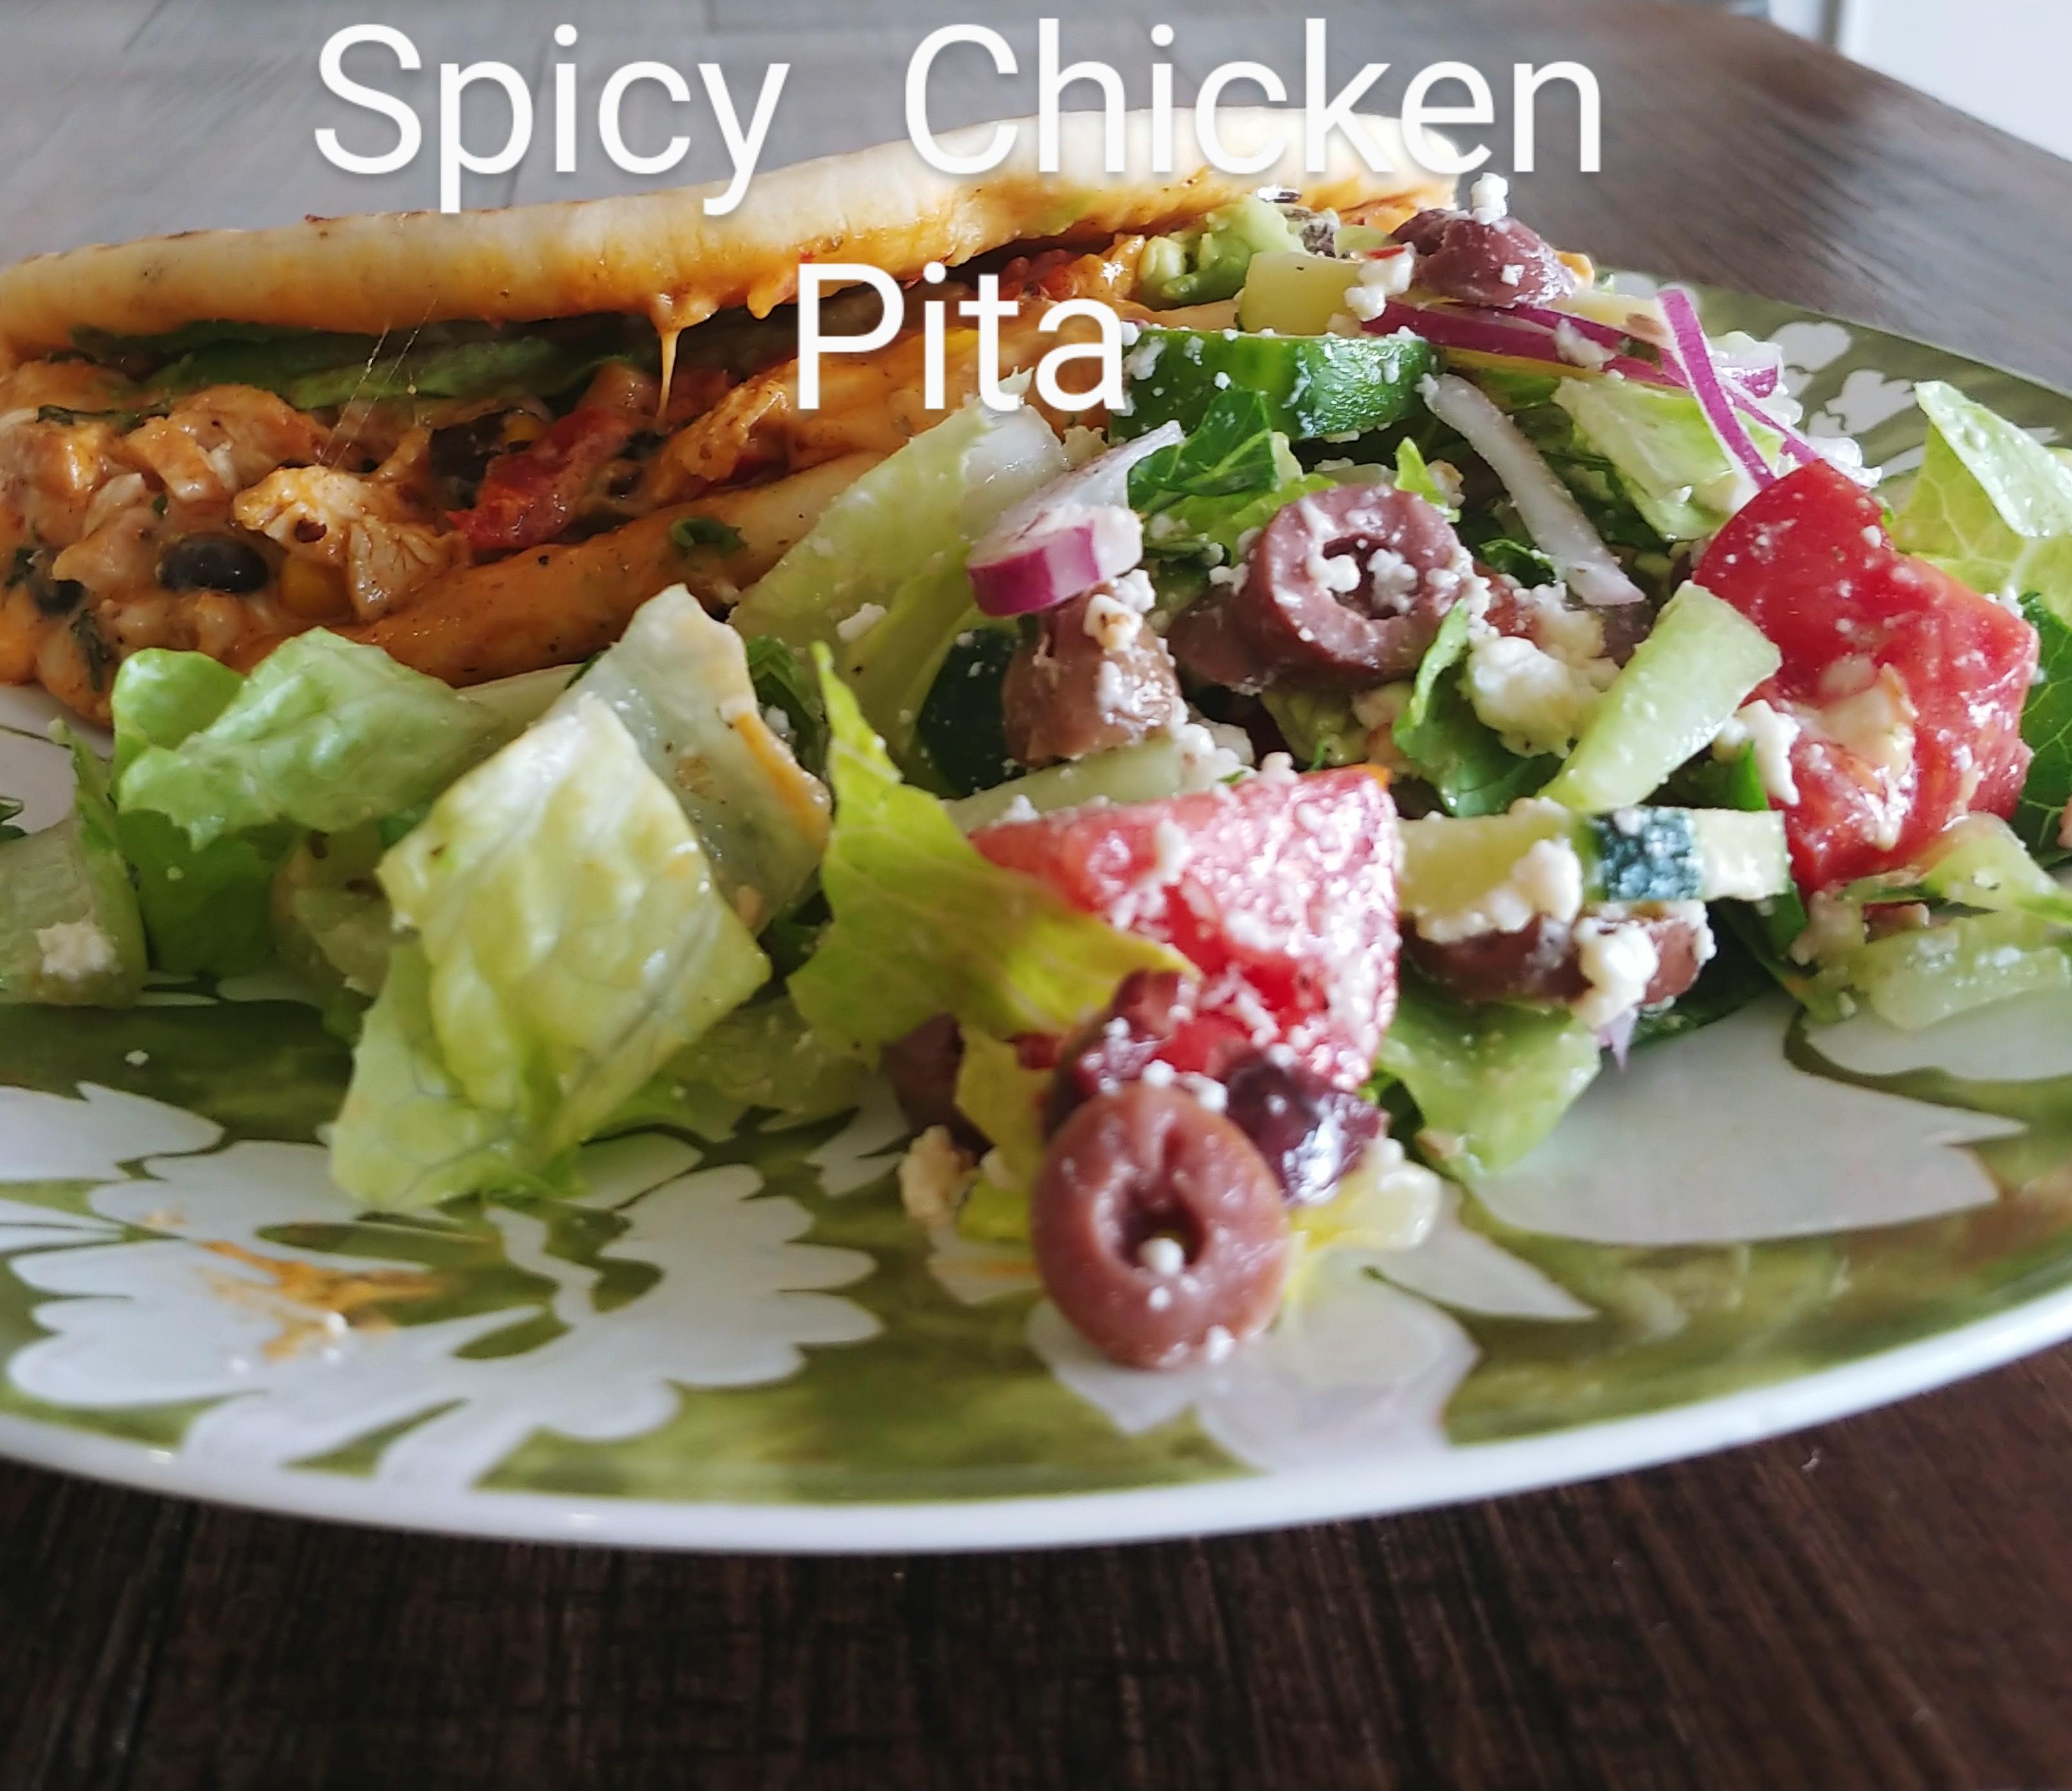 Spicy  Pita (Shrimp or Chicken)